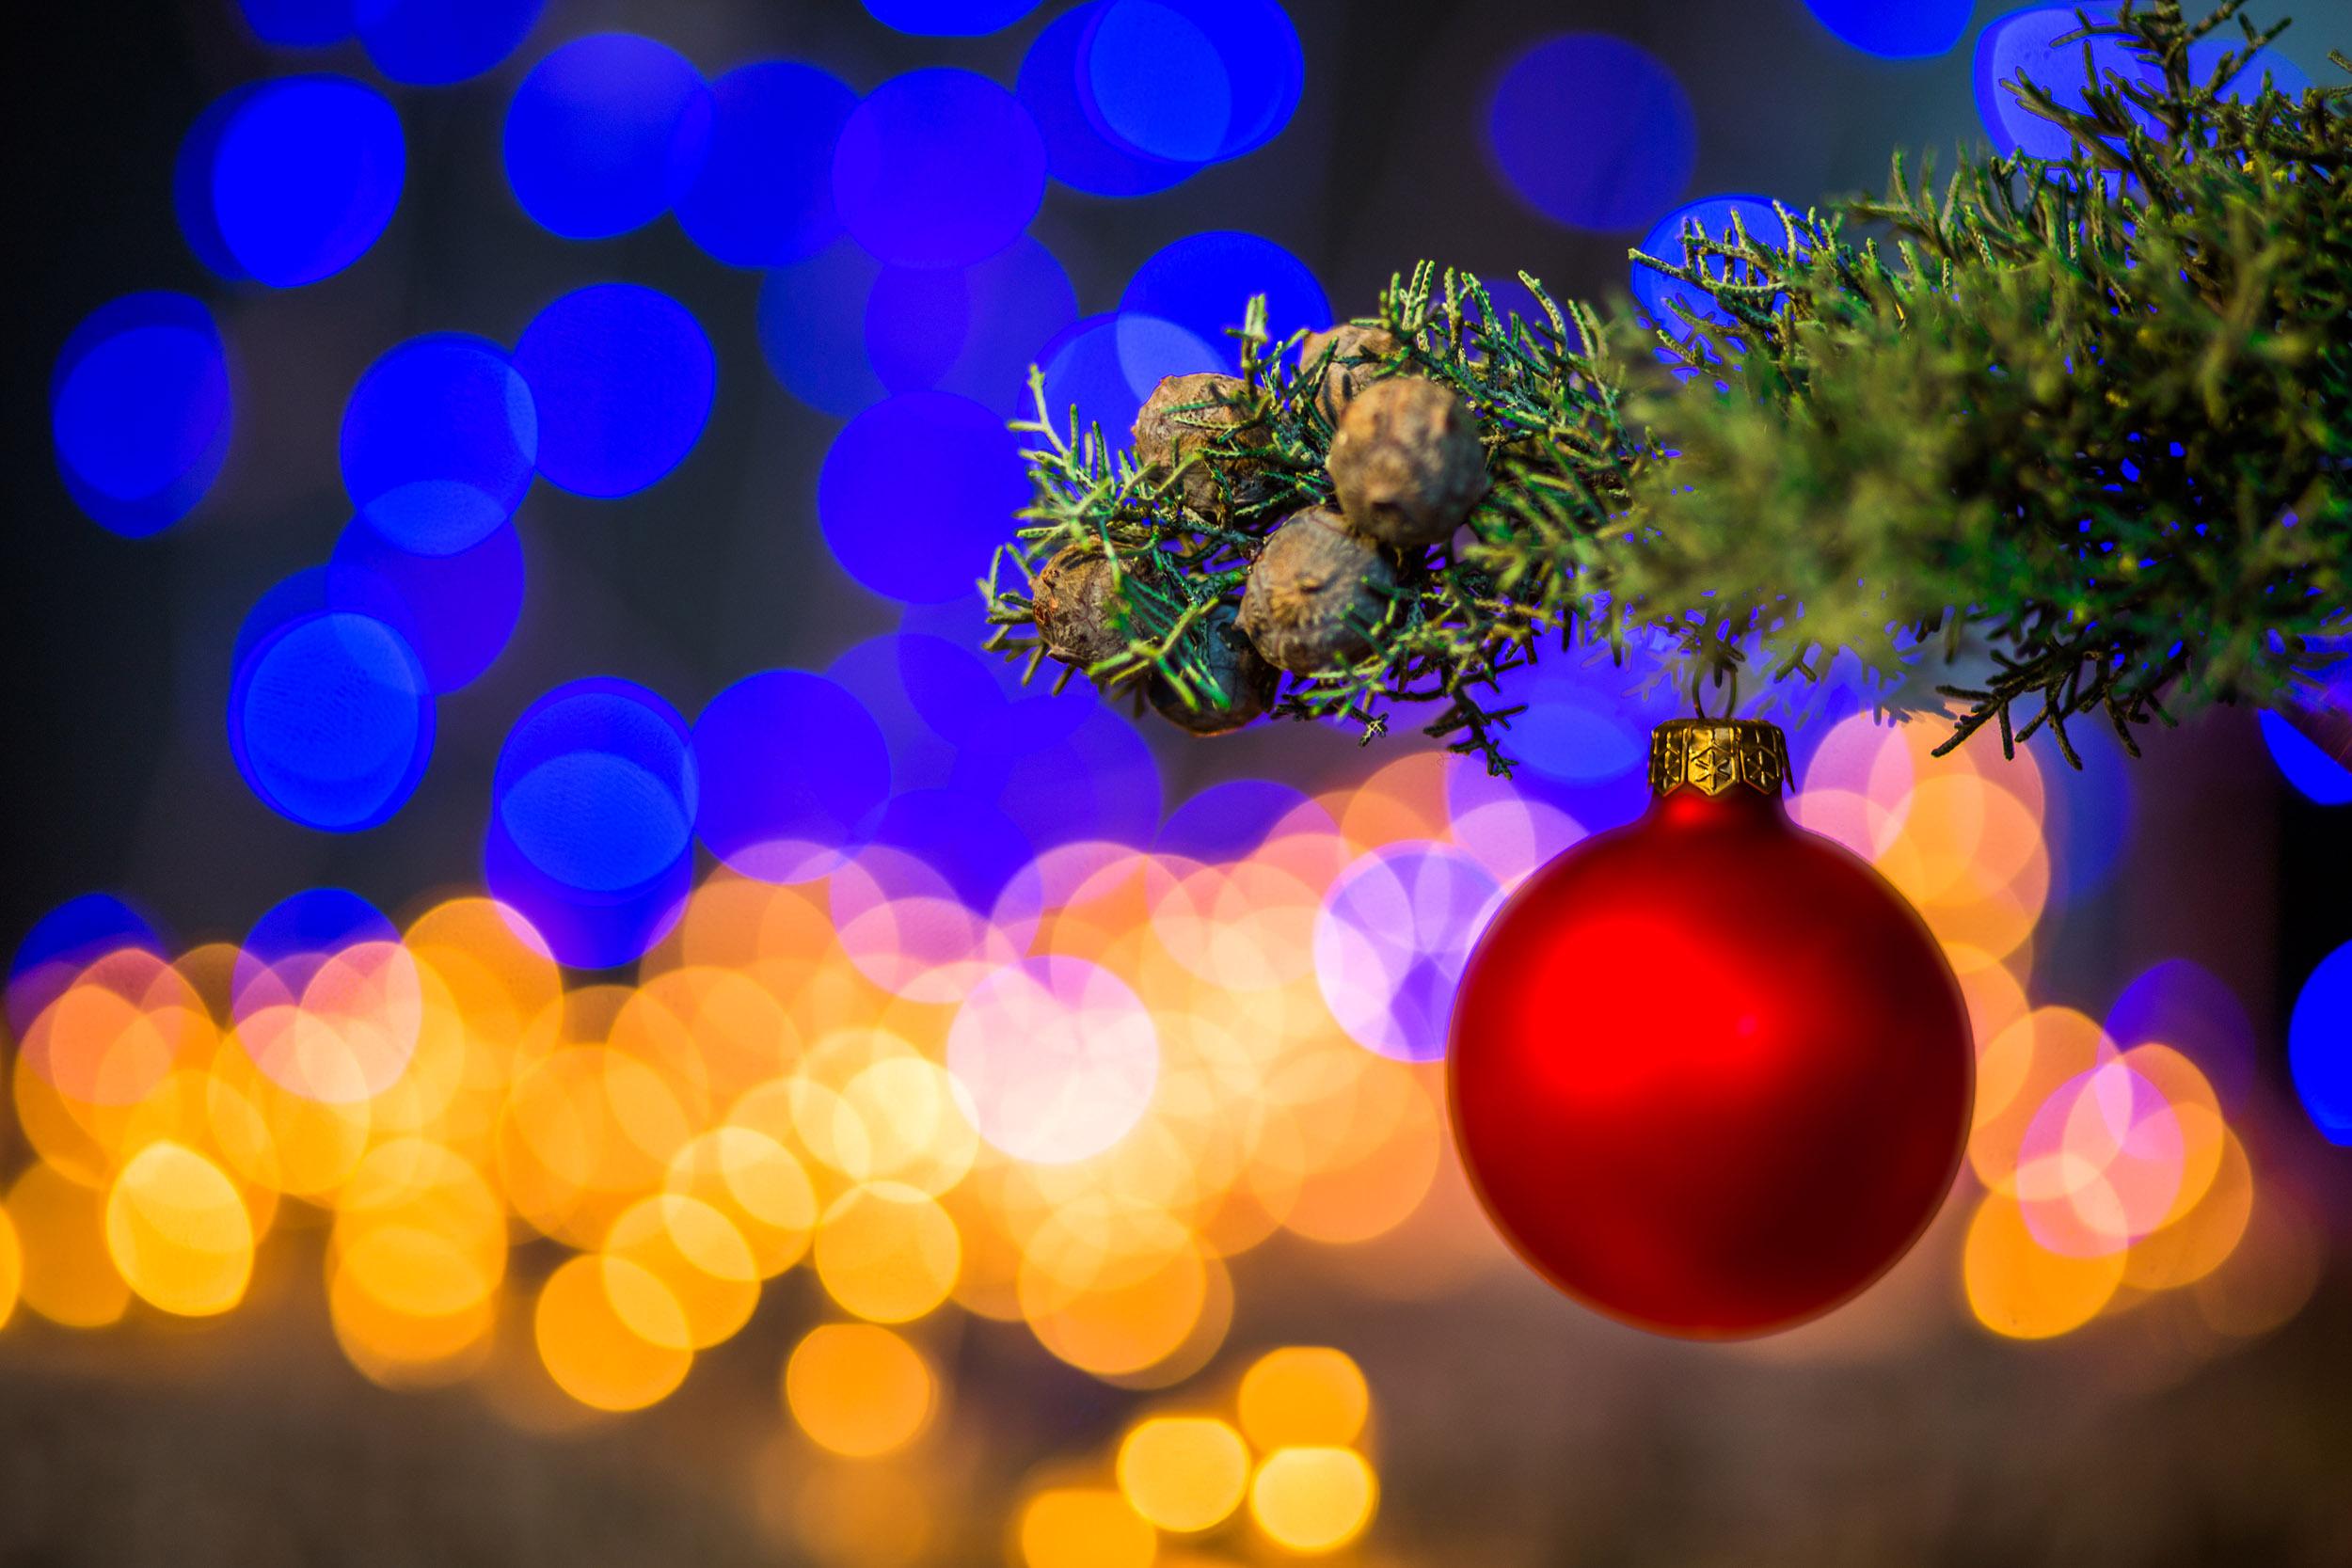 Photographier un sapin de Noël avec un arrière-plan flou